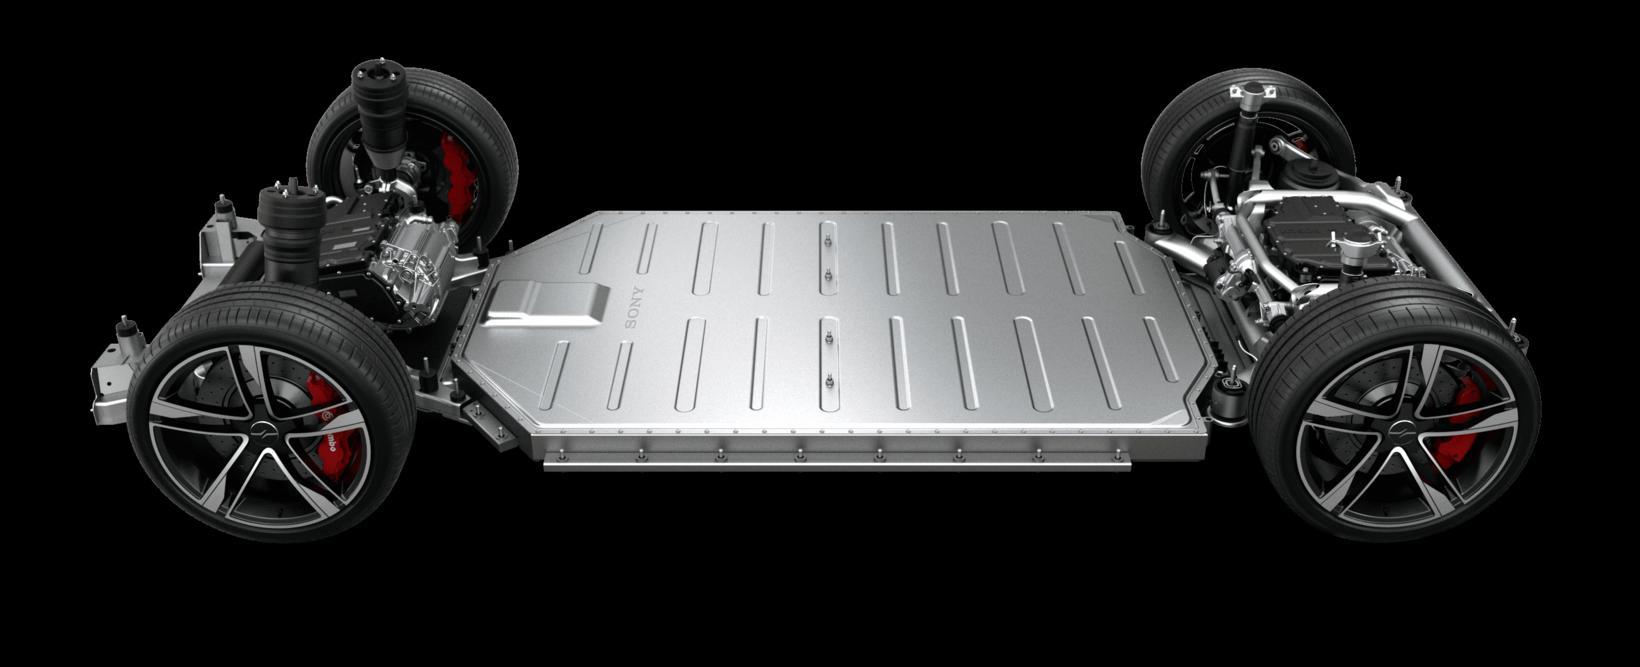 Undirvagn Sony Vision-S er undirlagður rafhlöðu bílsins.